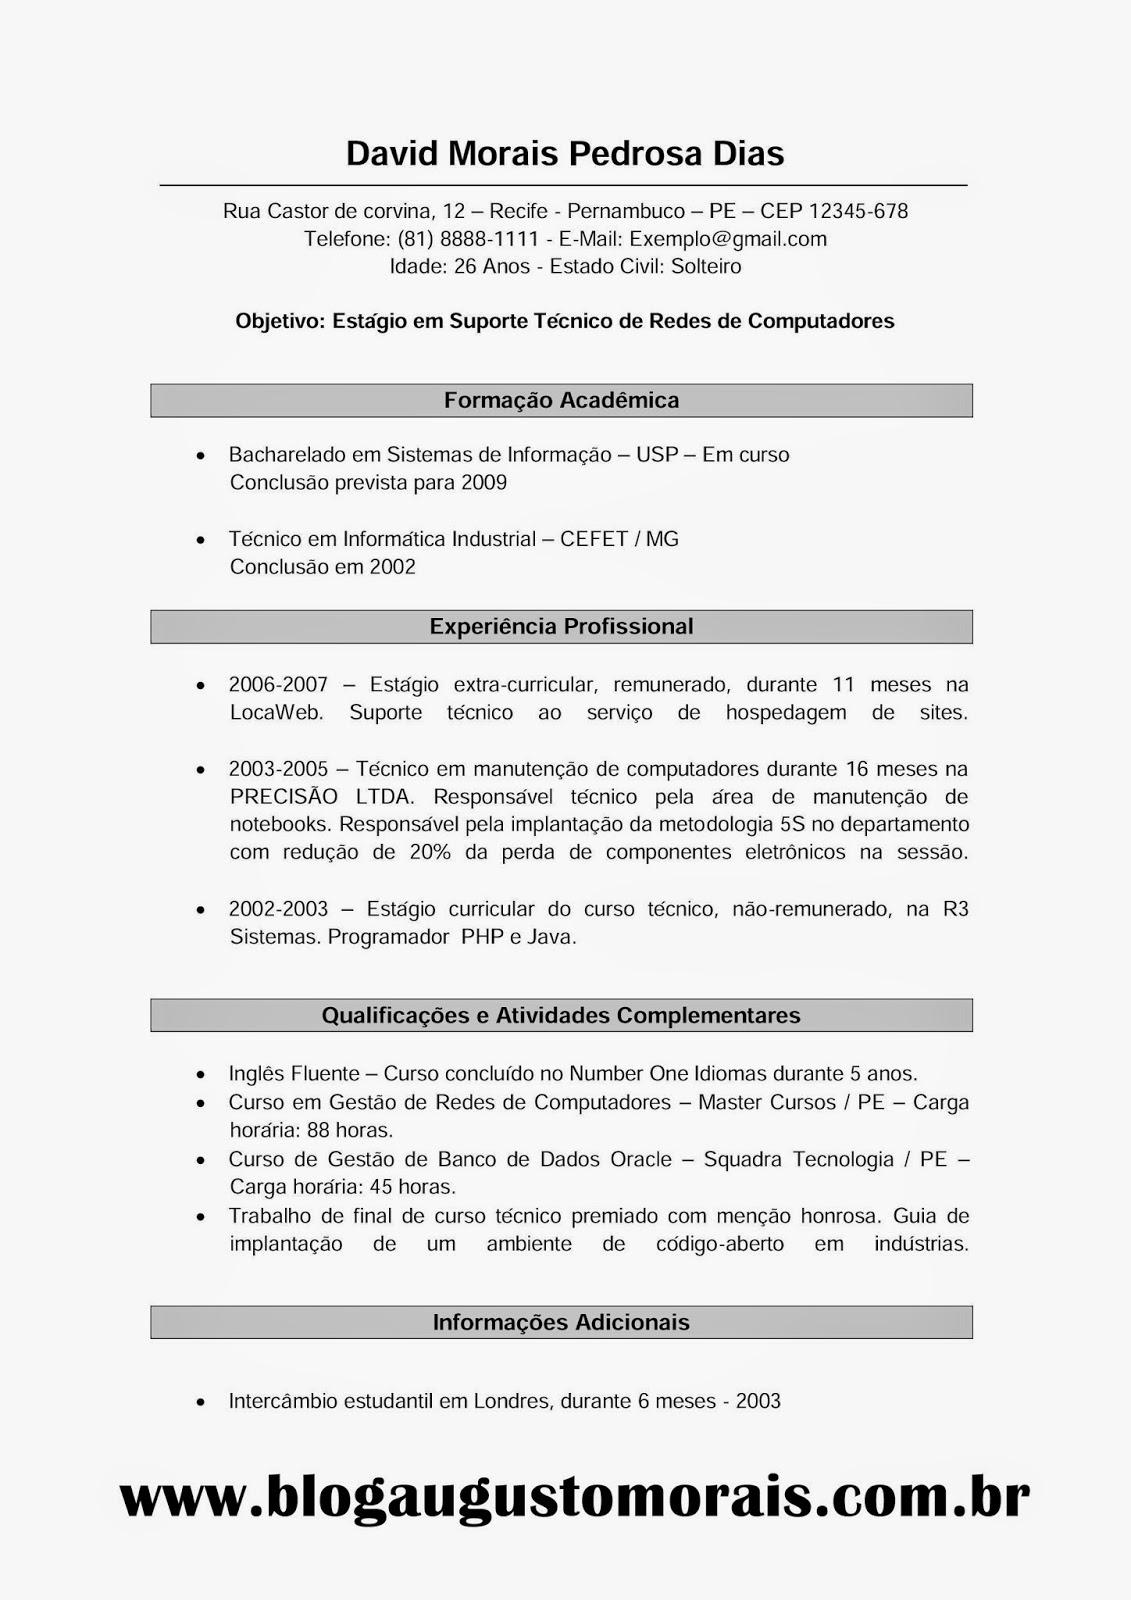 Modelo De Curriculum Vitae Em Portugues Para Preencher Pay Someone